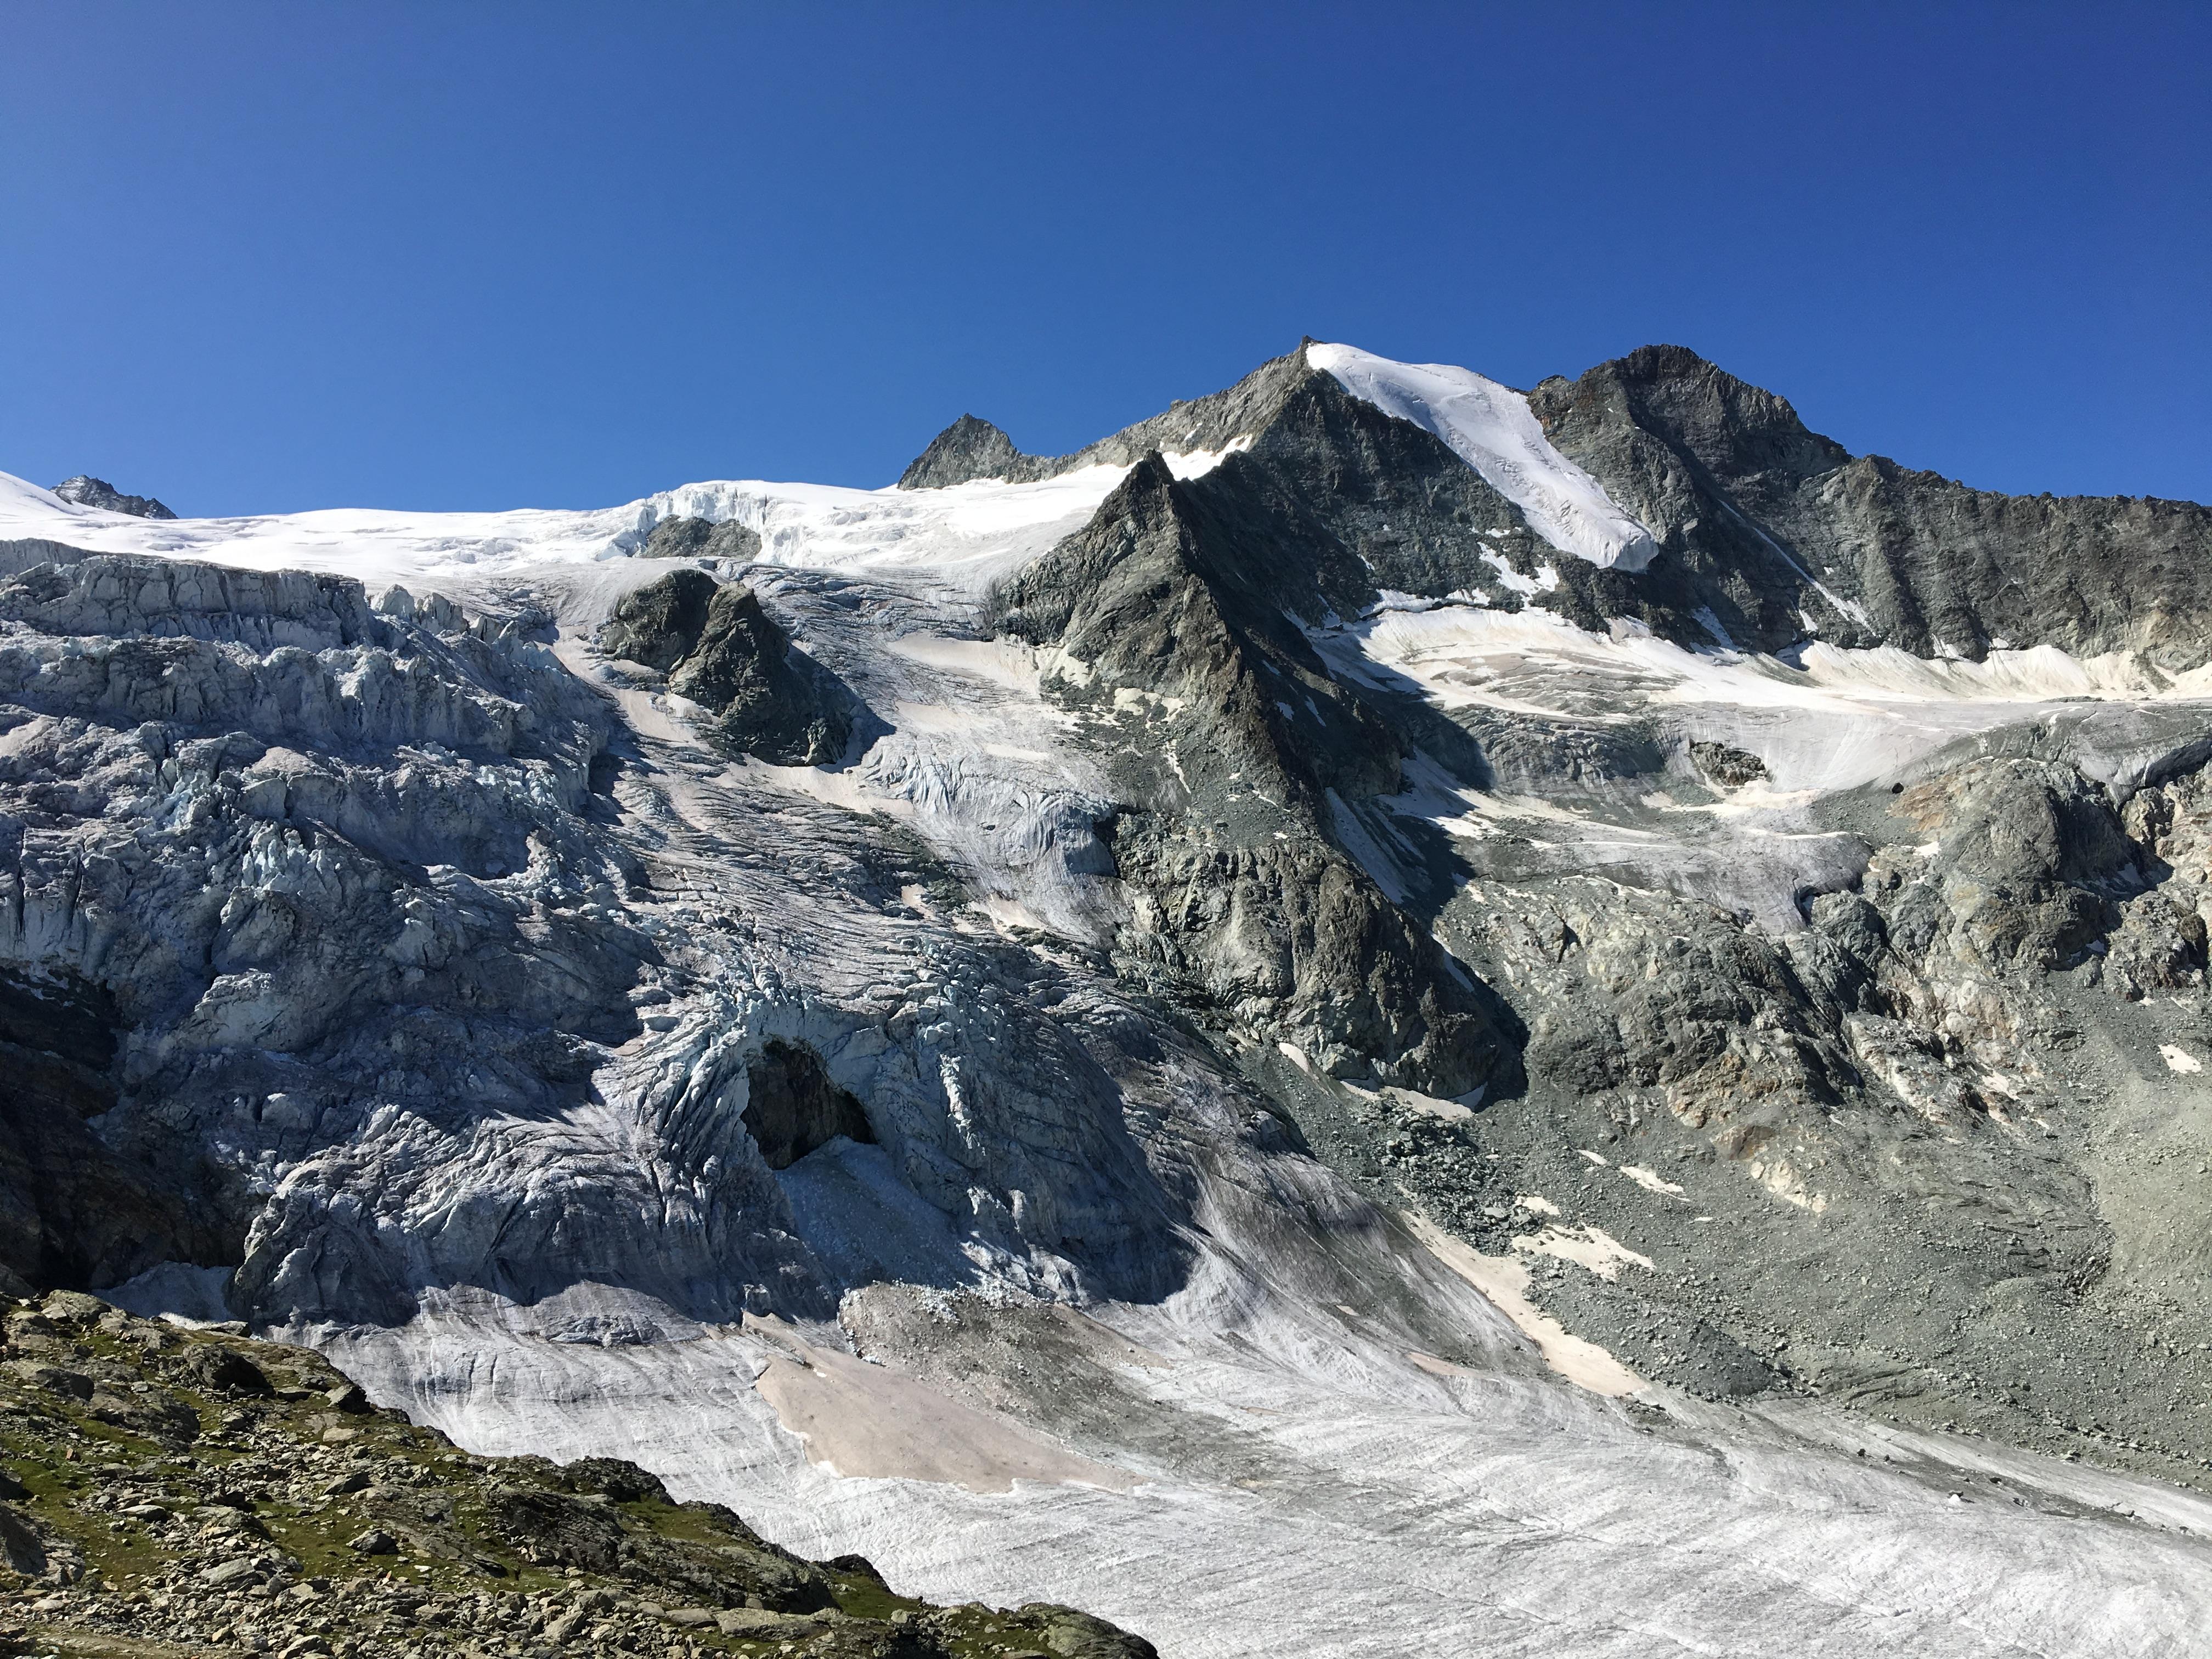 Au pied du Glacier de Moiry dans les Alpes Suisses